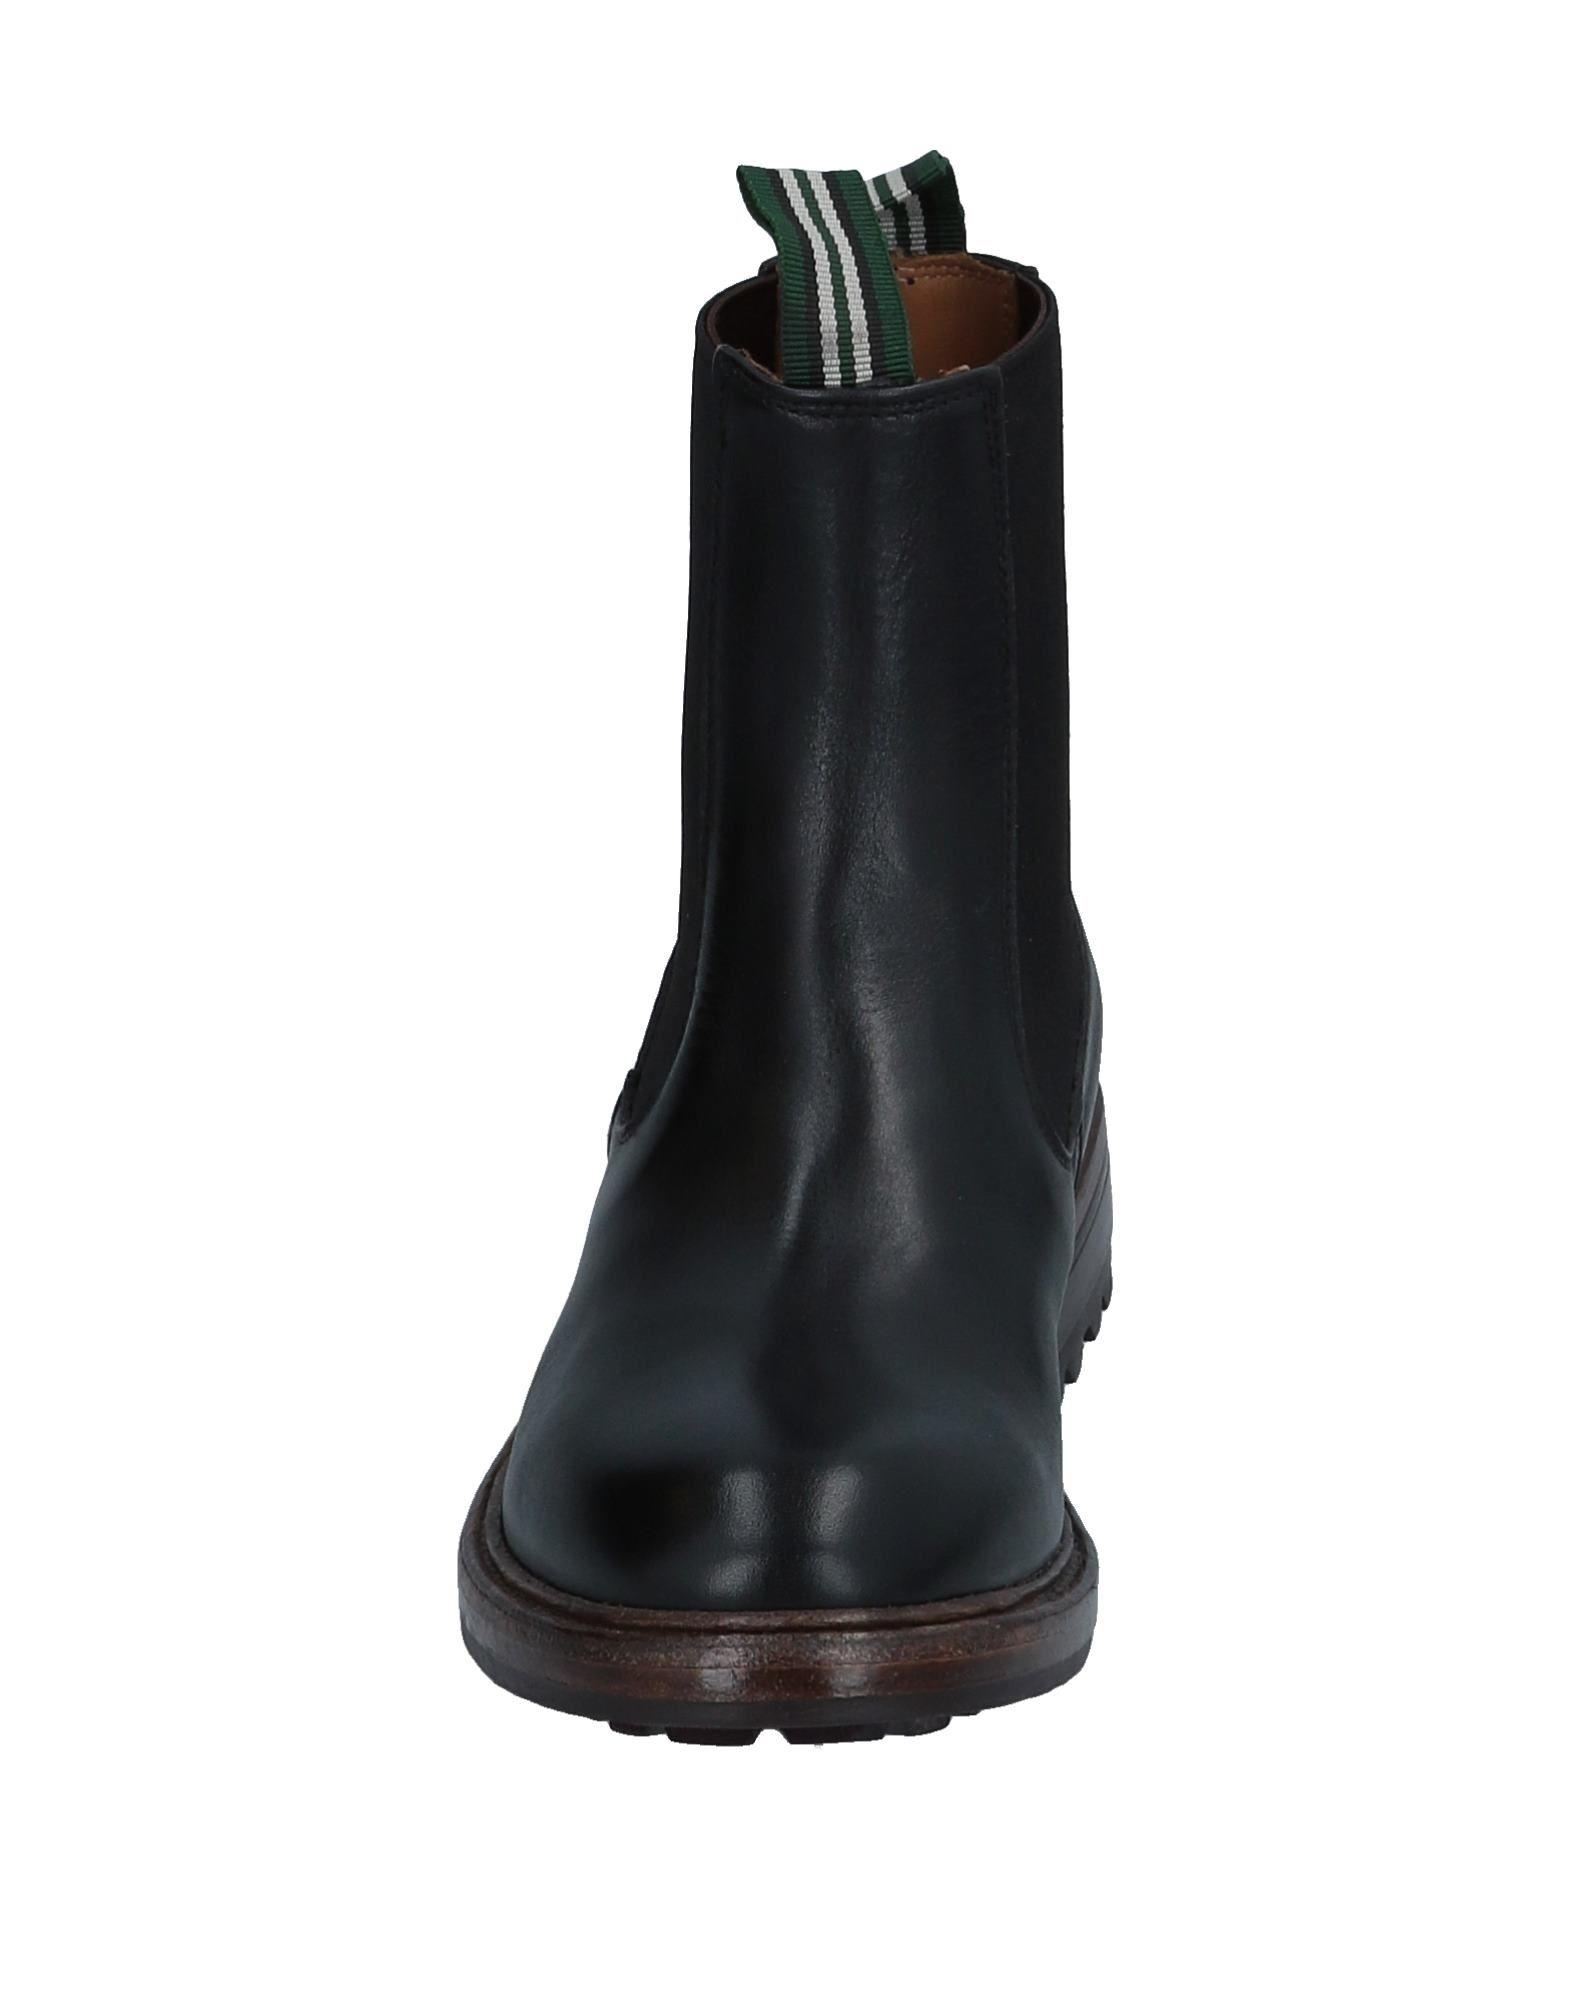 Grün George Chelsea Stiefel sich Damen Gutes Preis-Leistungs-Verhältnis, es lohnt sich Stiefel 3448 ecd461